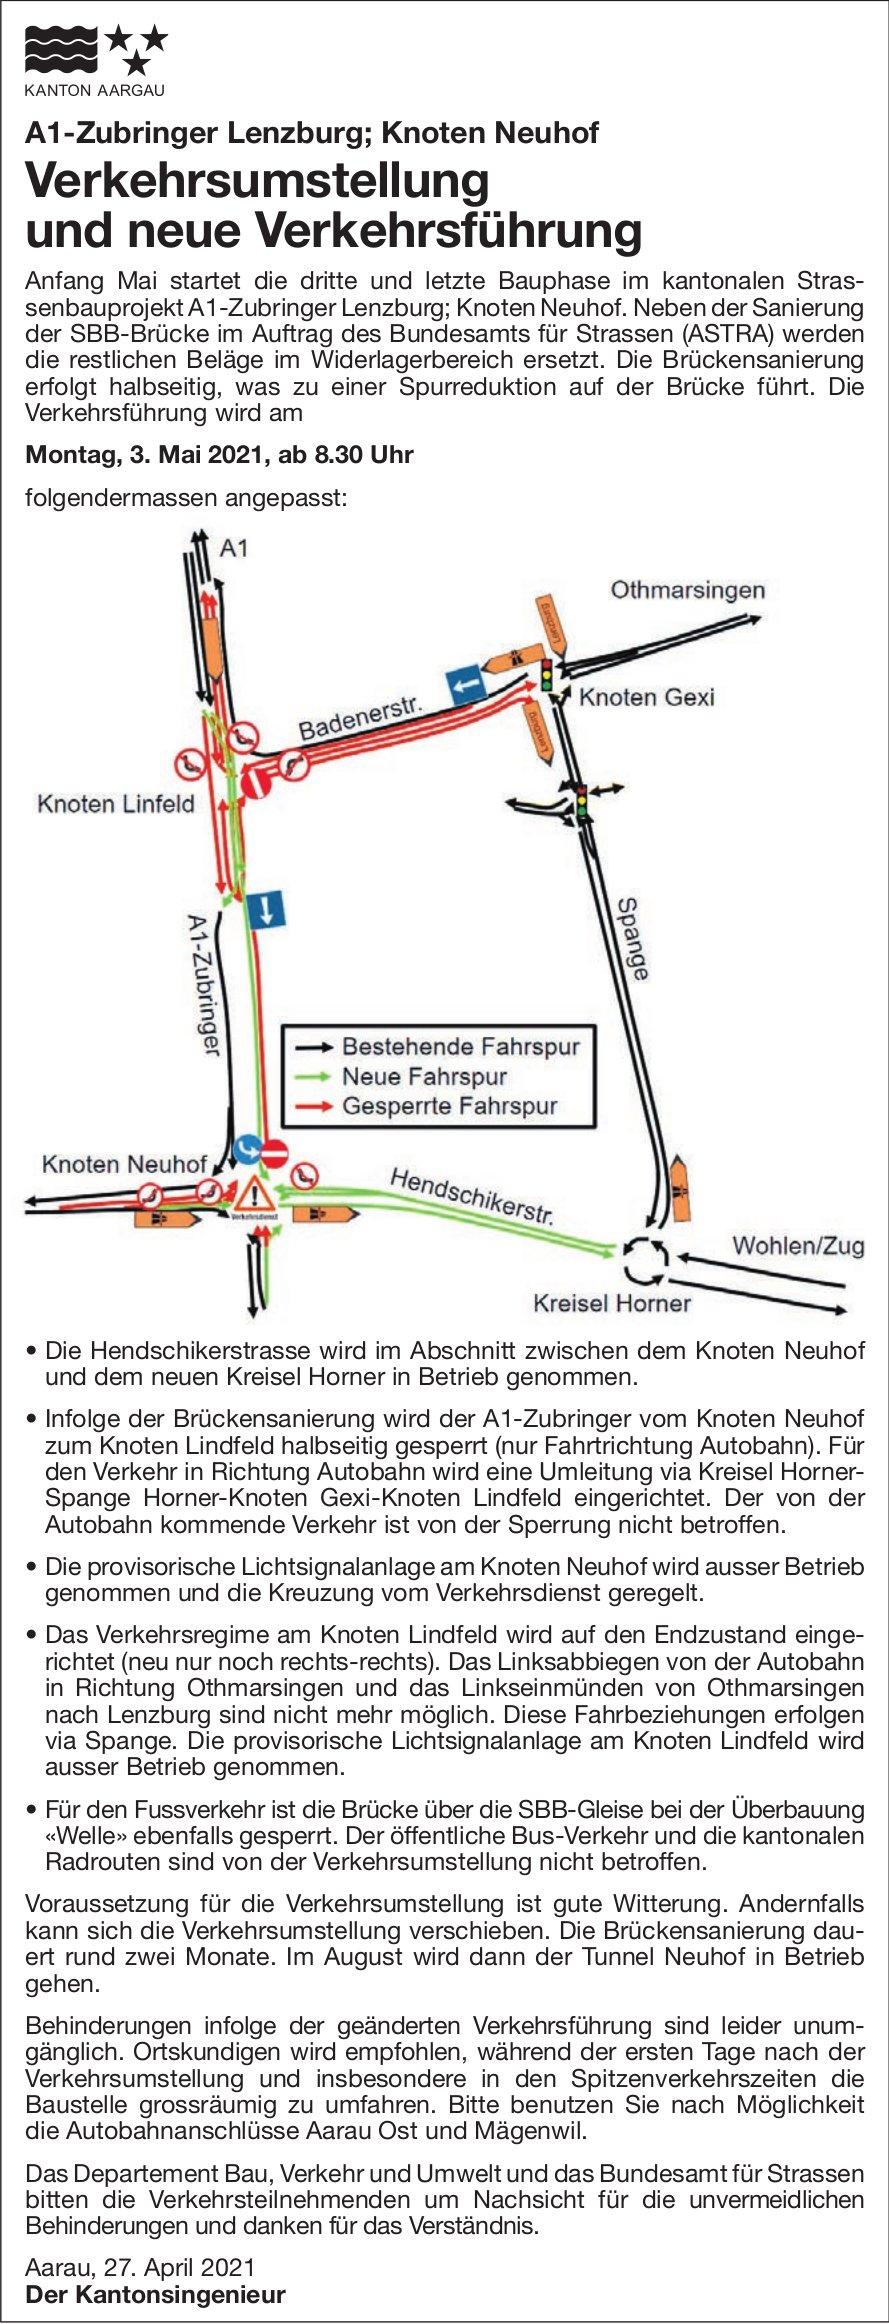 A1-Zubringer Lenzburg - Verkehrsumstellung und neue Verkehrsführung